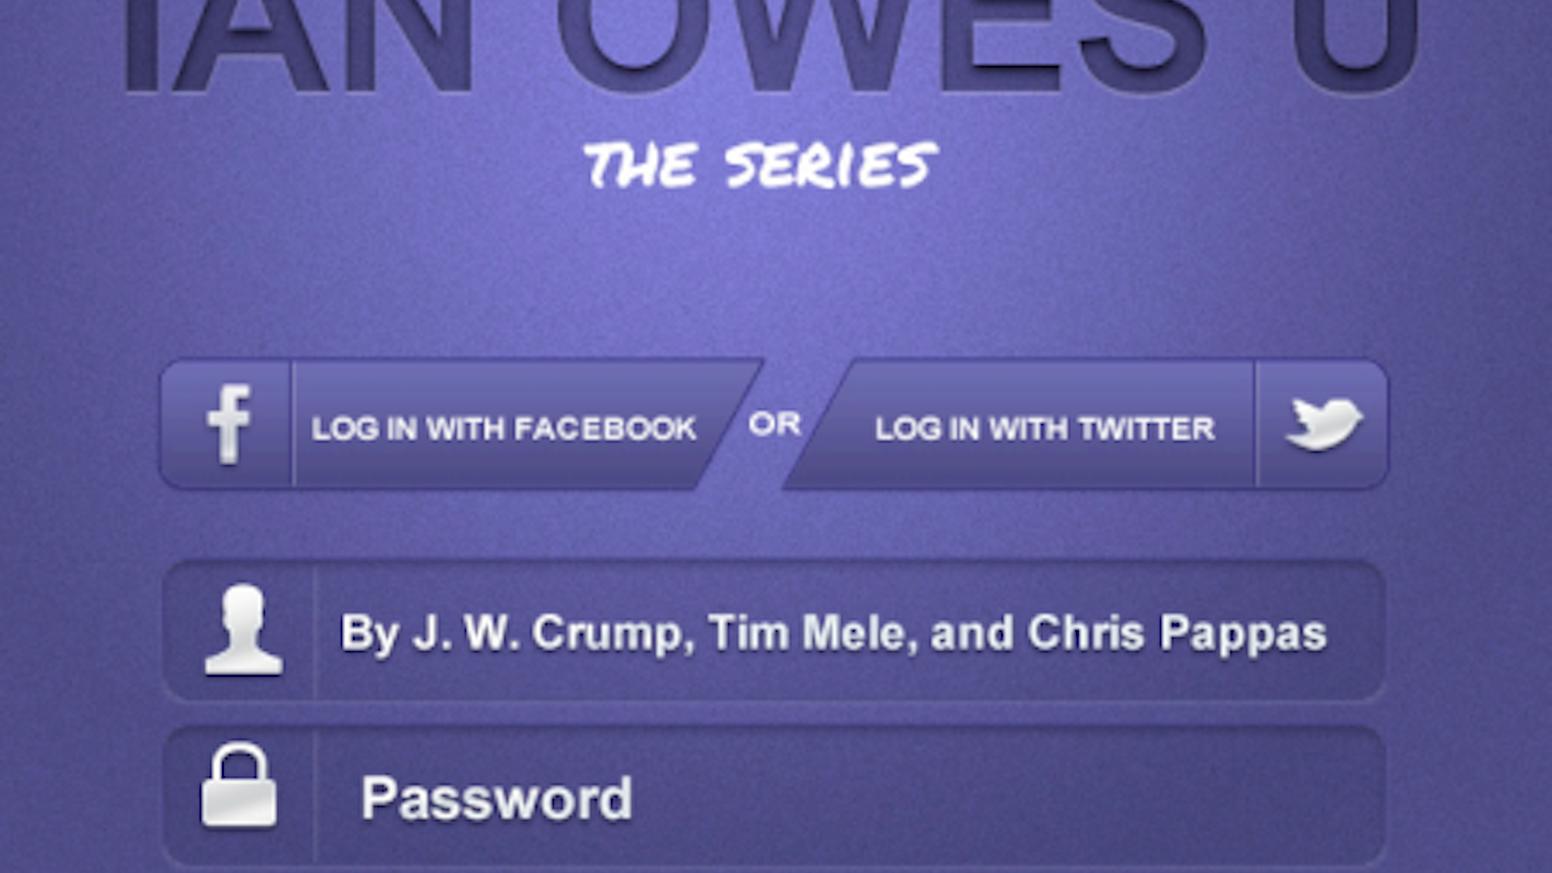 Ian Owes You (I O U )- Original Series Pilot by Chris P — Kickstarter